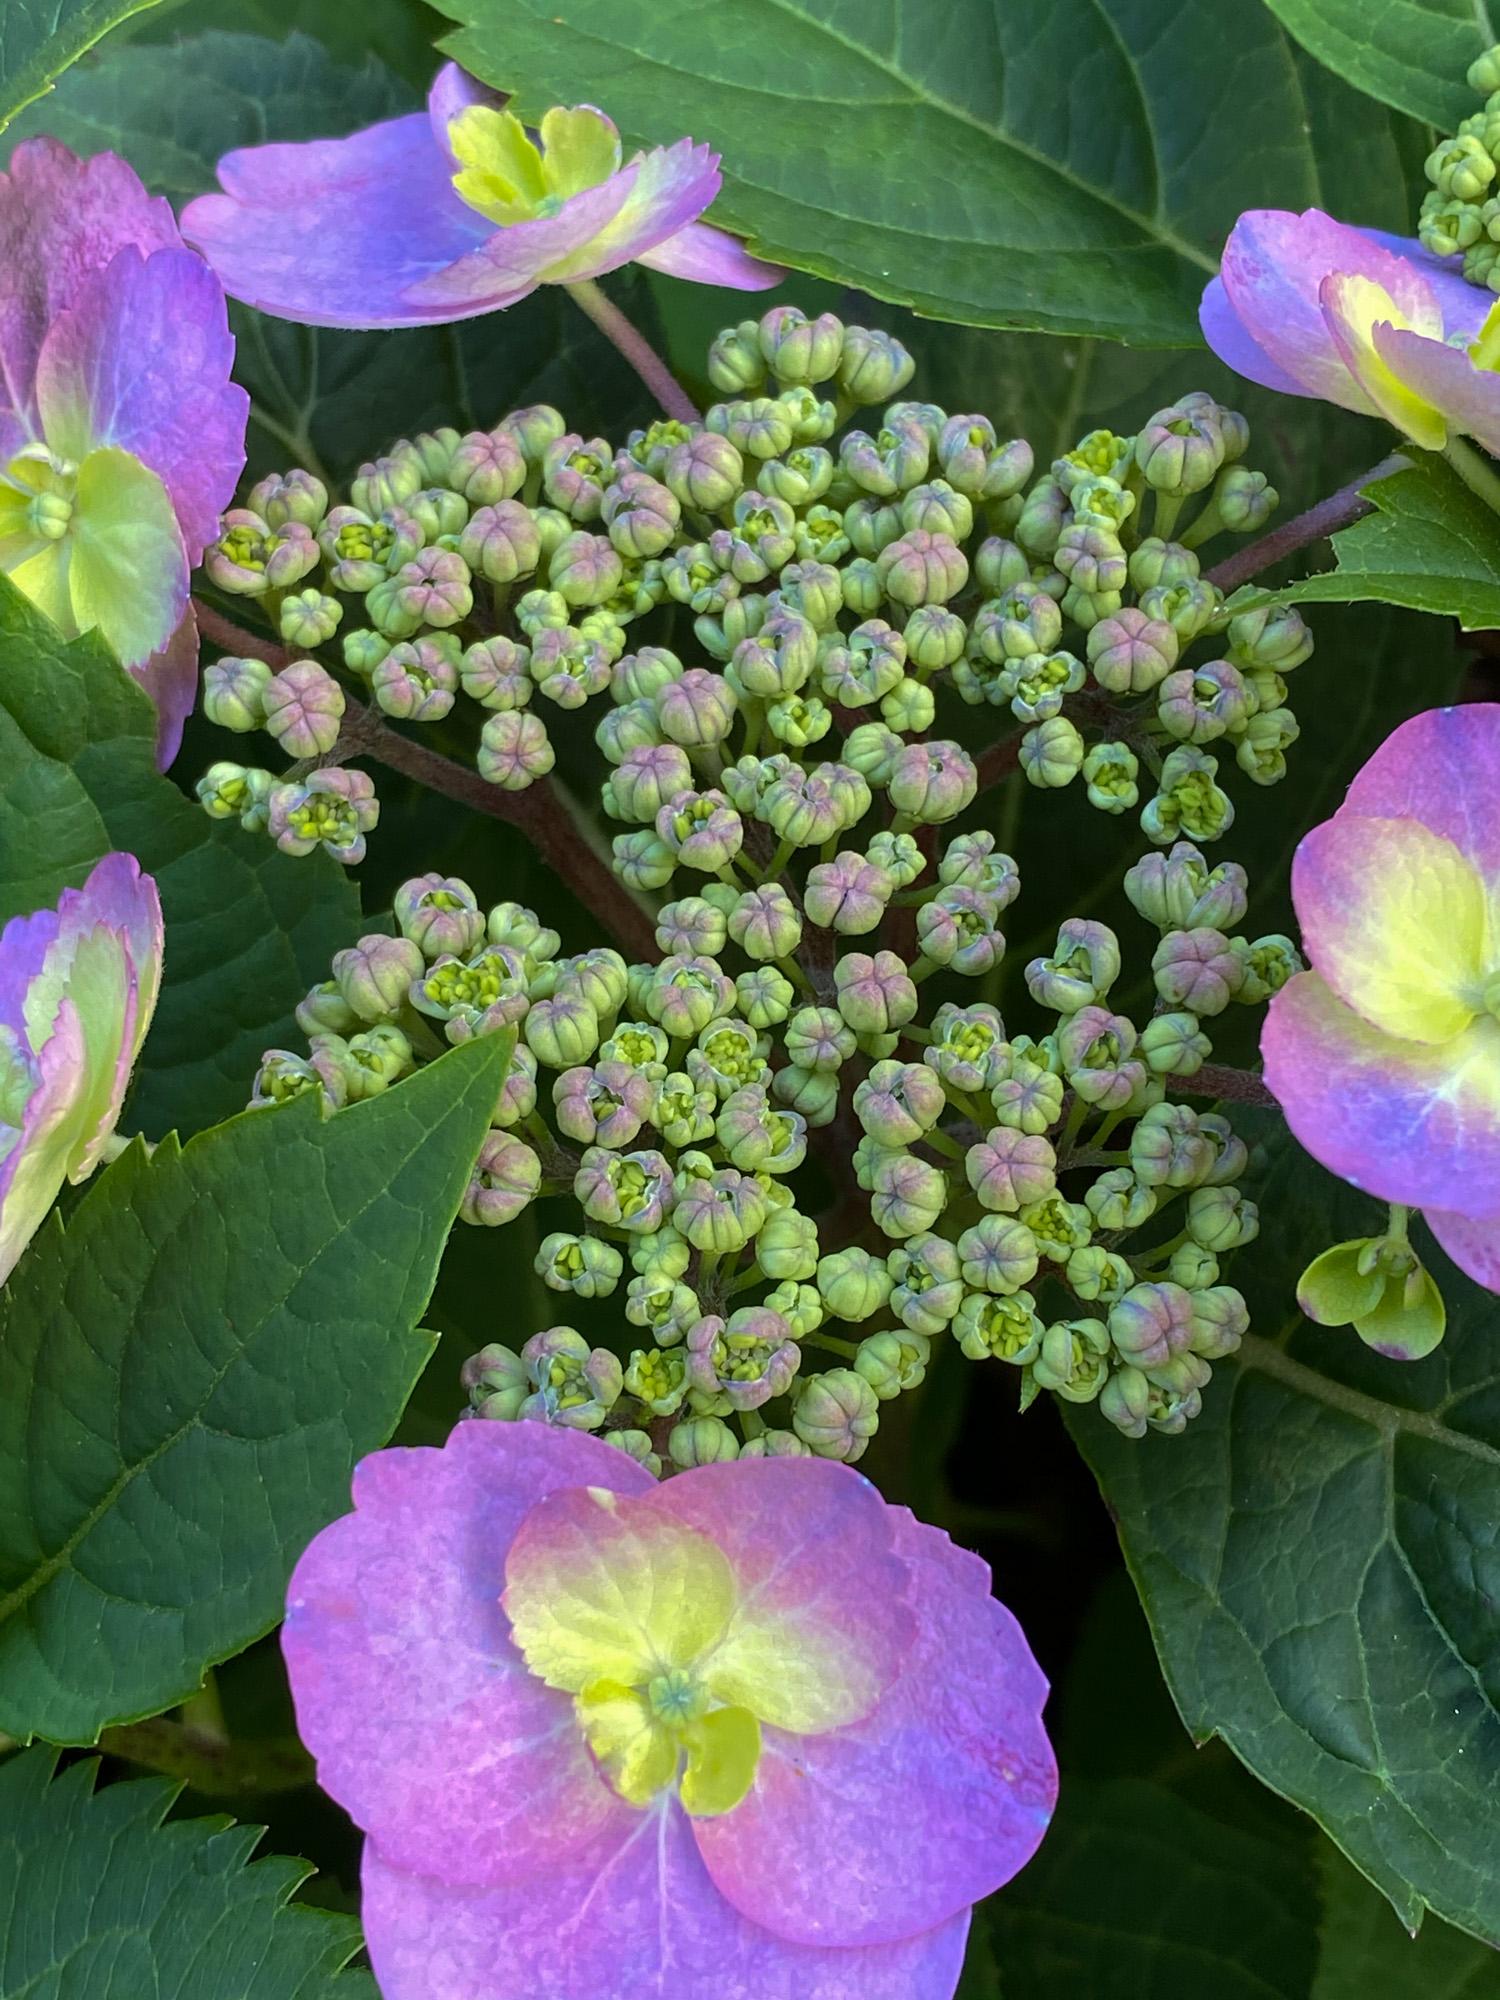 Serrata hydrangea